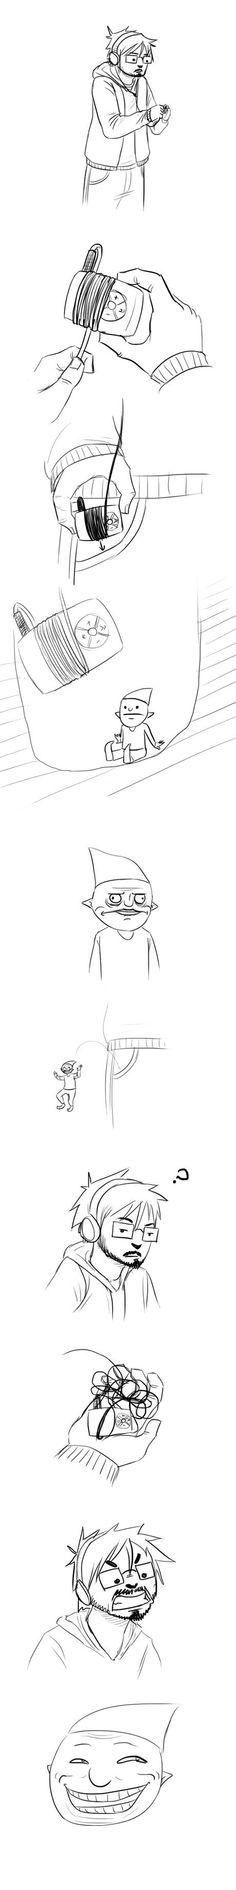 Scumbag pocket gnome!